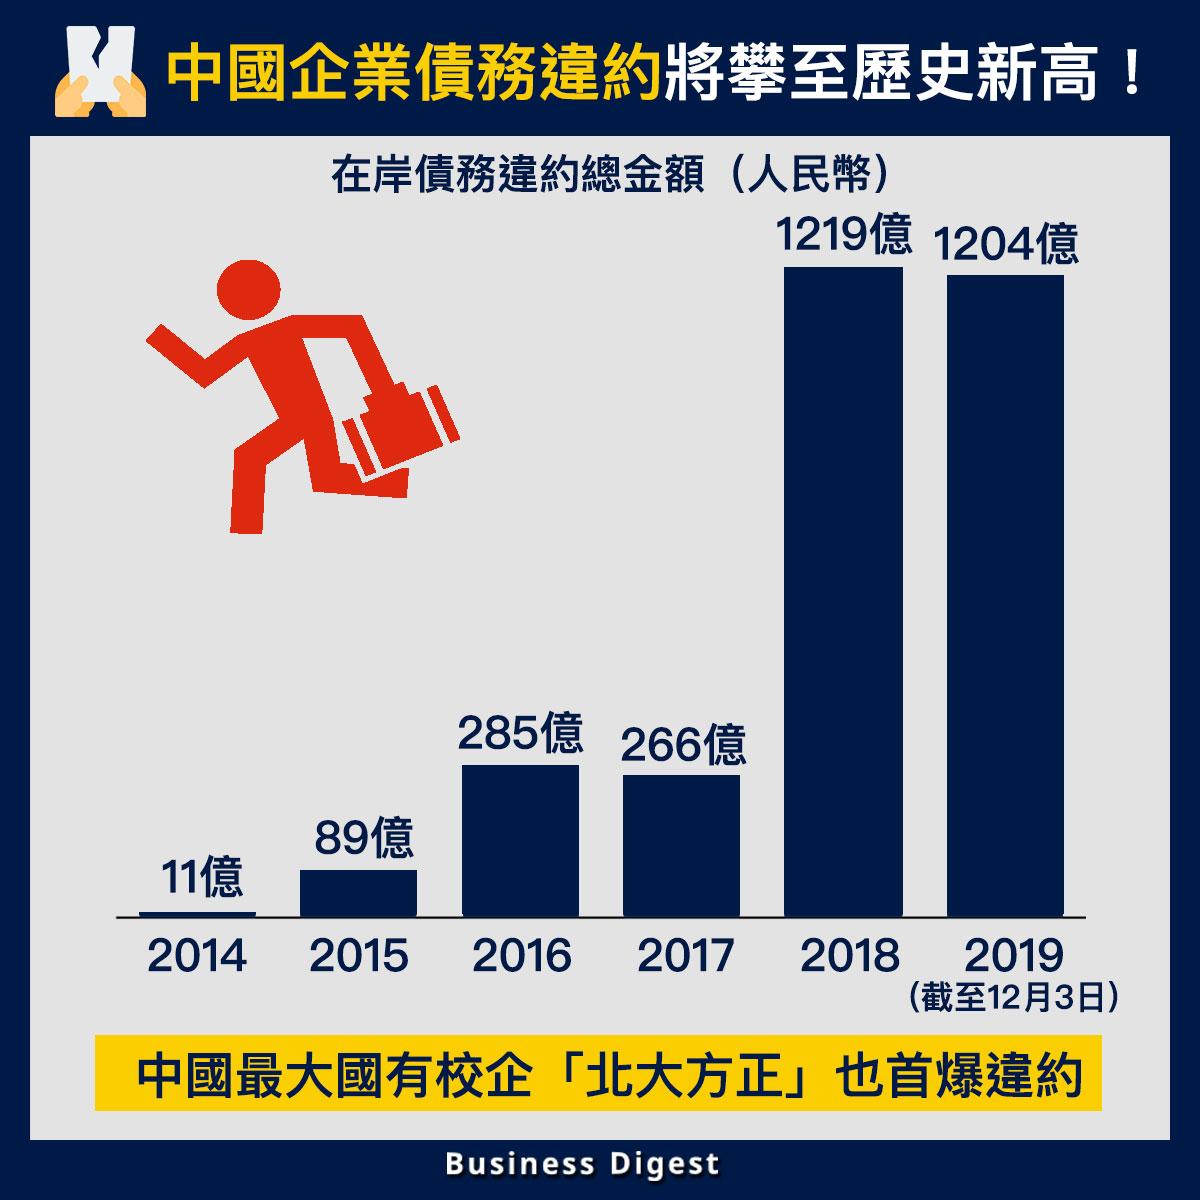 【從數據認識經濟】中國企業債務違約將攀至歷史新高!連中國最大國有校企「北大方正」也首爆違約